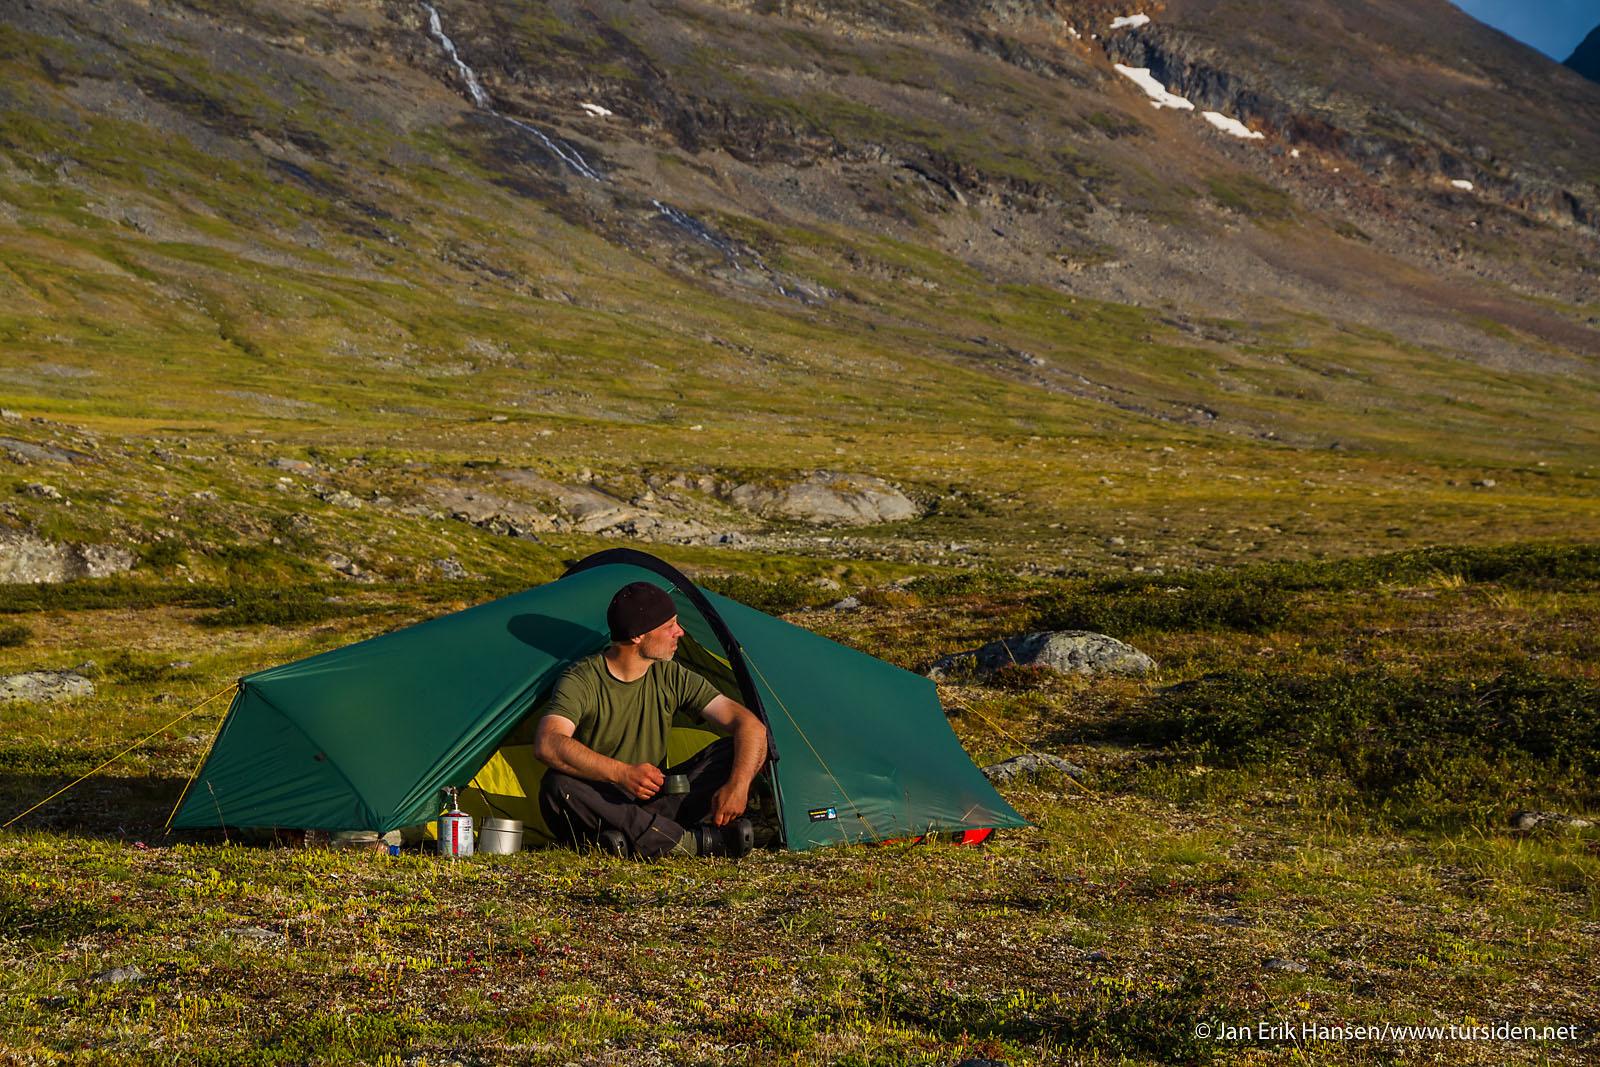 Ettermiddagskaffe utenfor teltet etter en lang dag langs Kungsleden. Telt: Terra Nova Laser Competition 2